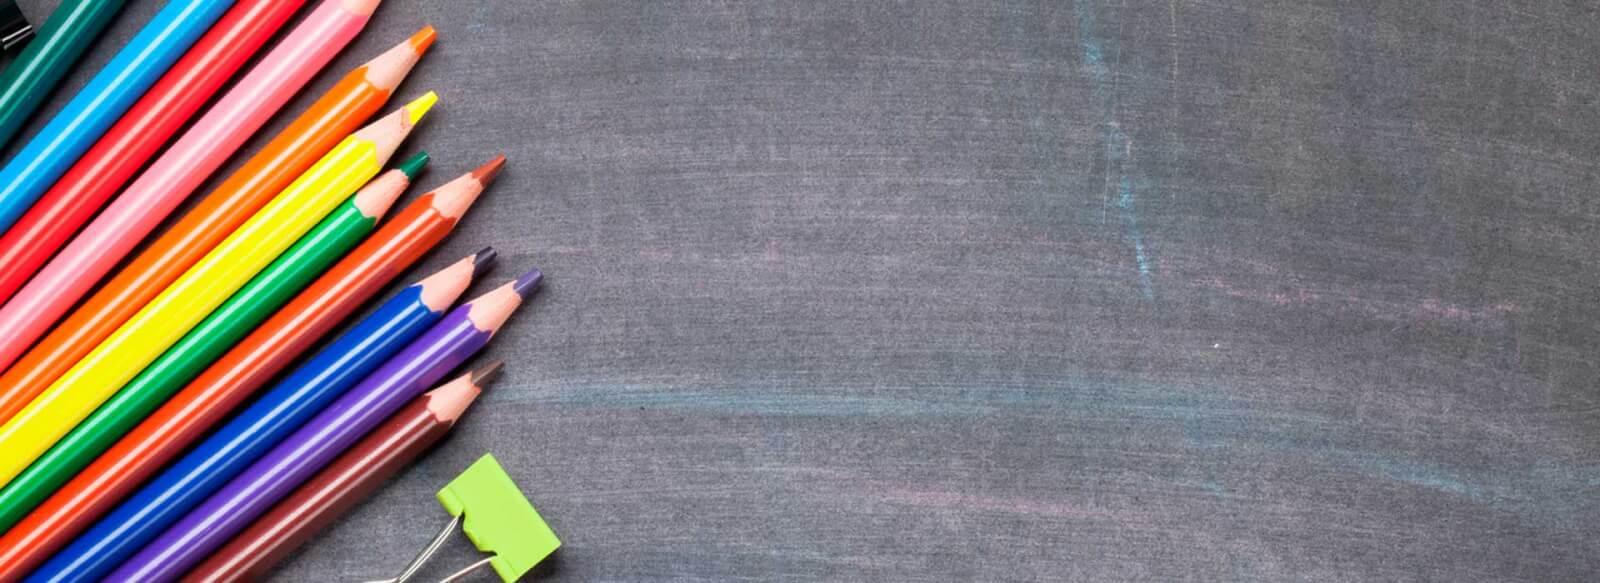 Как оформить титульный лист дипломной работы: советы и рекомендации